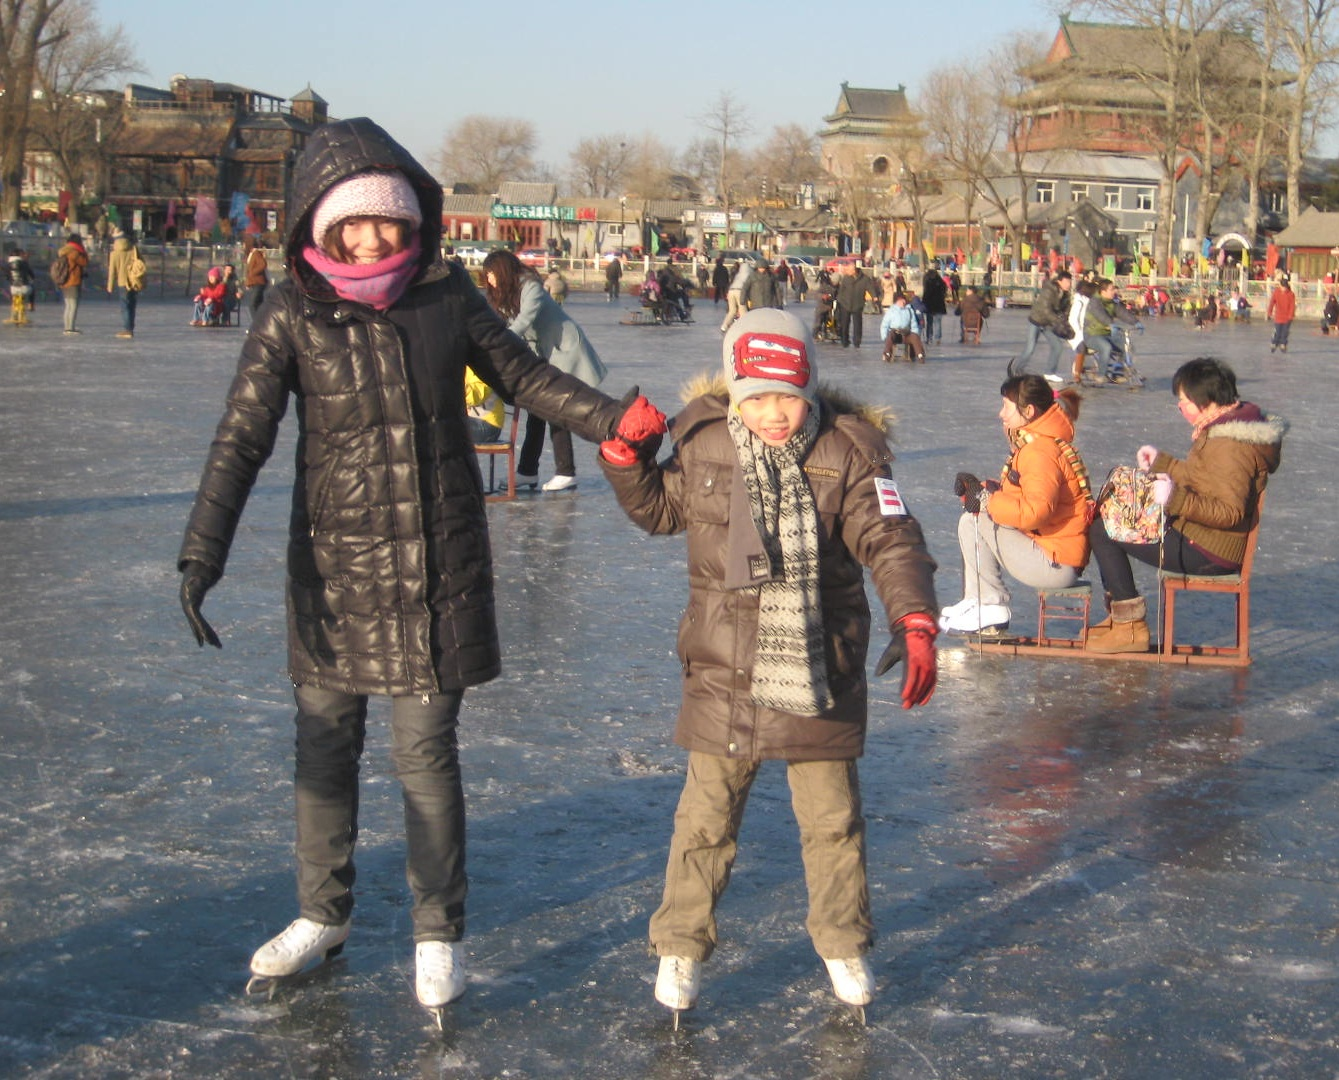 beijing-gulou-skating